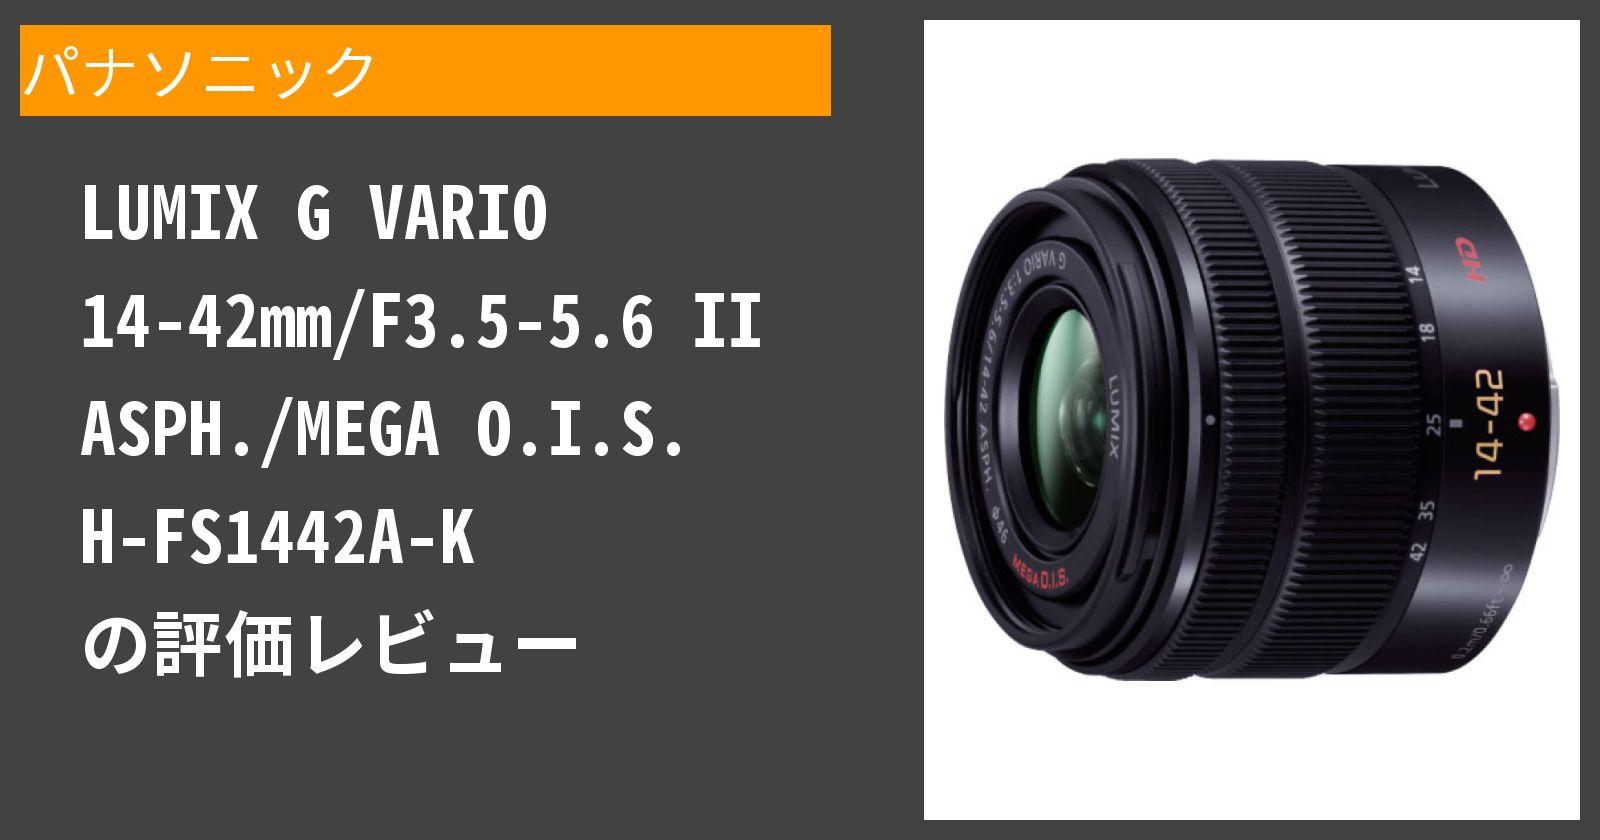 LUMIX G VARIO 14-42mm/F3.5-5.6 II ASPH./MEGA O.I.S. H-FS1442A-Kを徹底評価